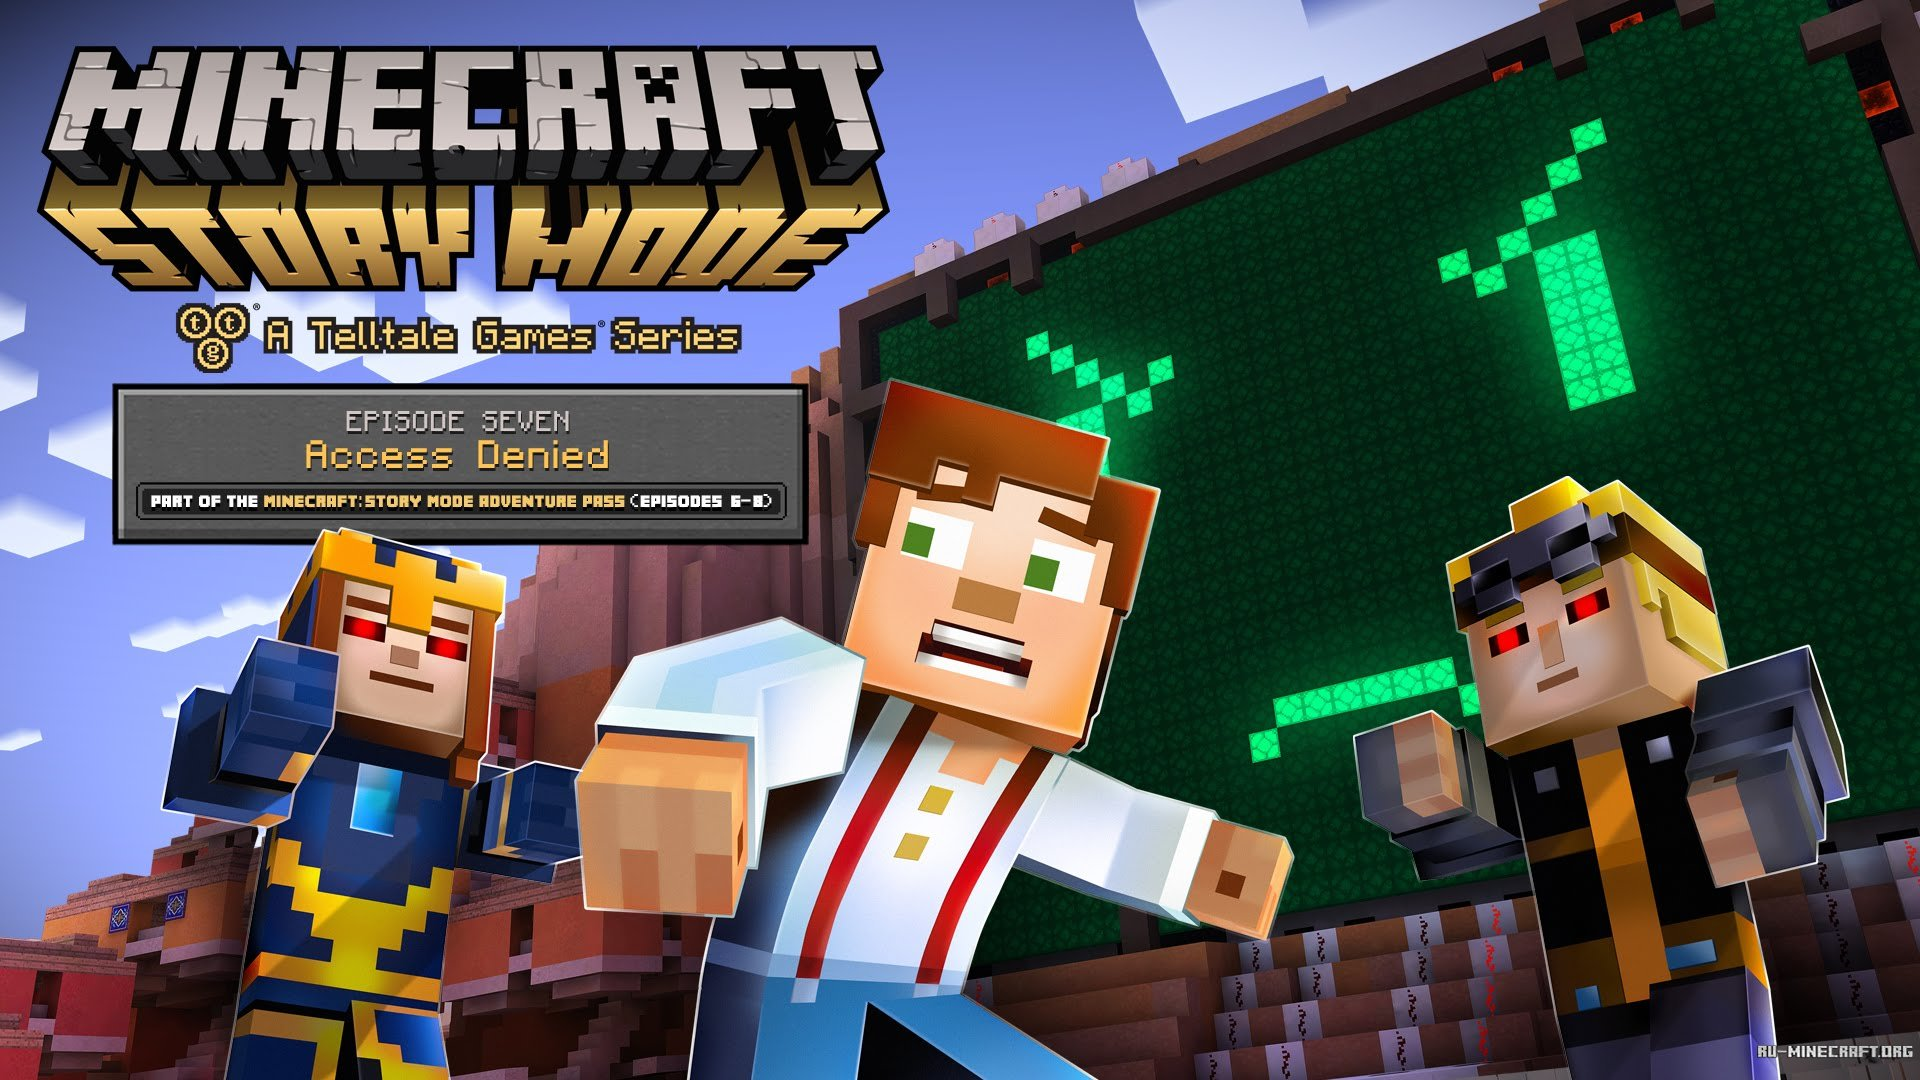 minecraft story mode 5 эпизод скачать торрент